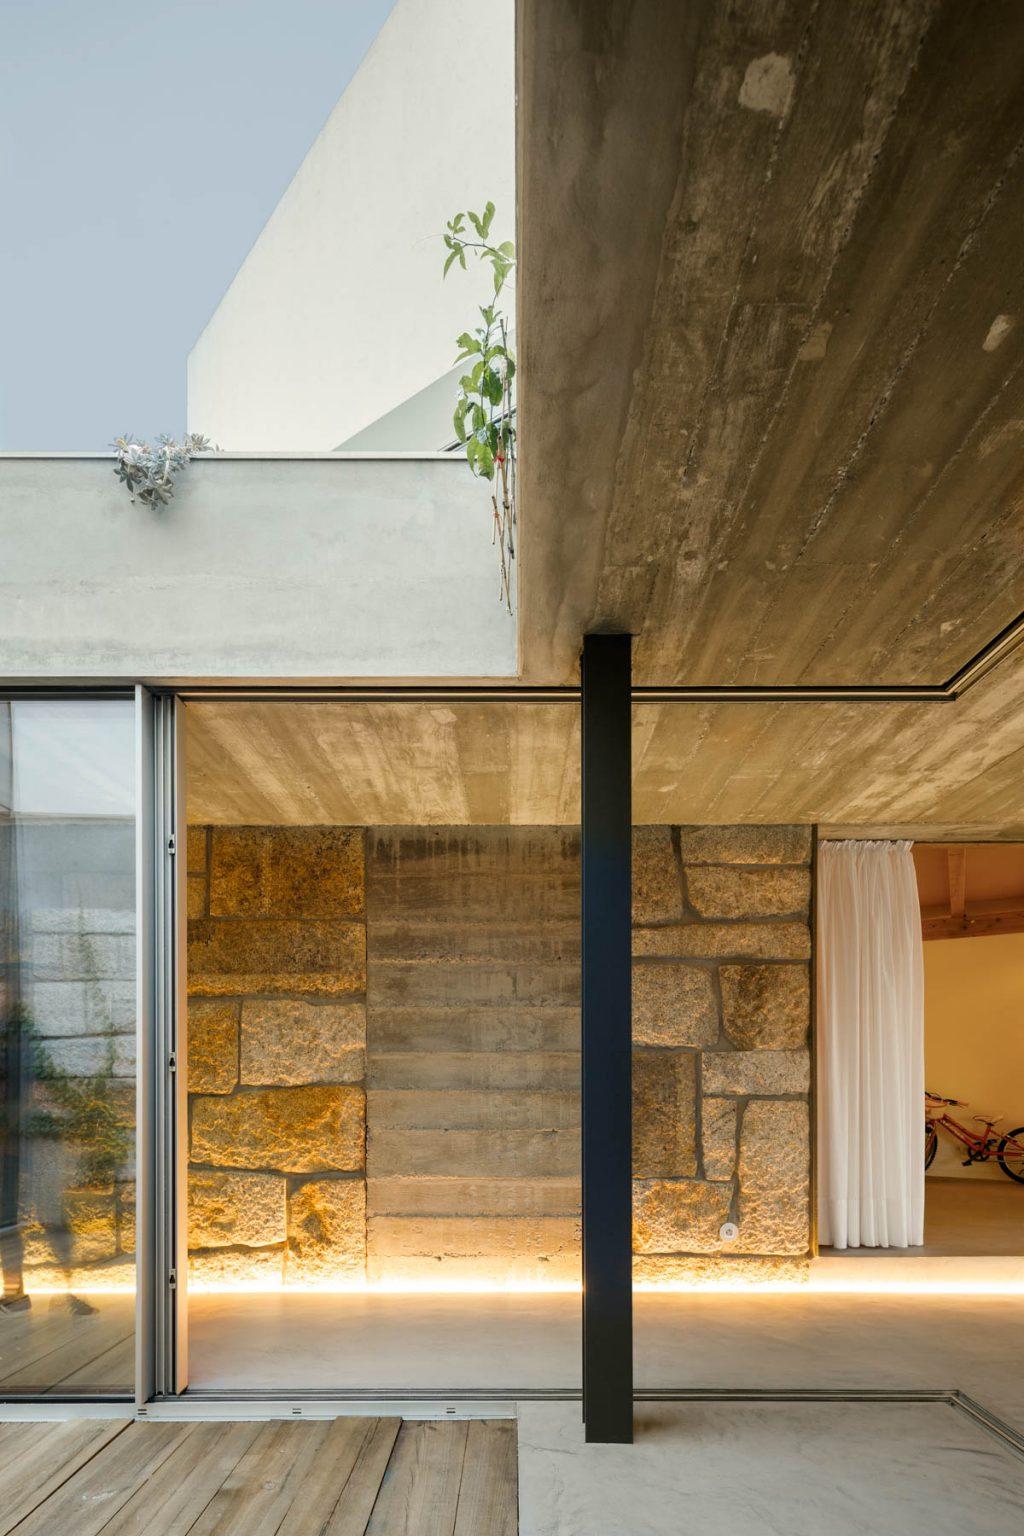 Rehabilitación de una antigua masía - Casa Rio Paulo Merlini arquitectos